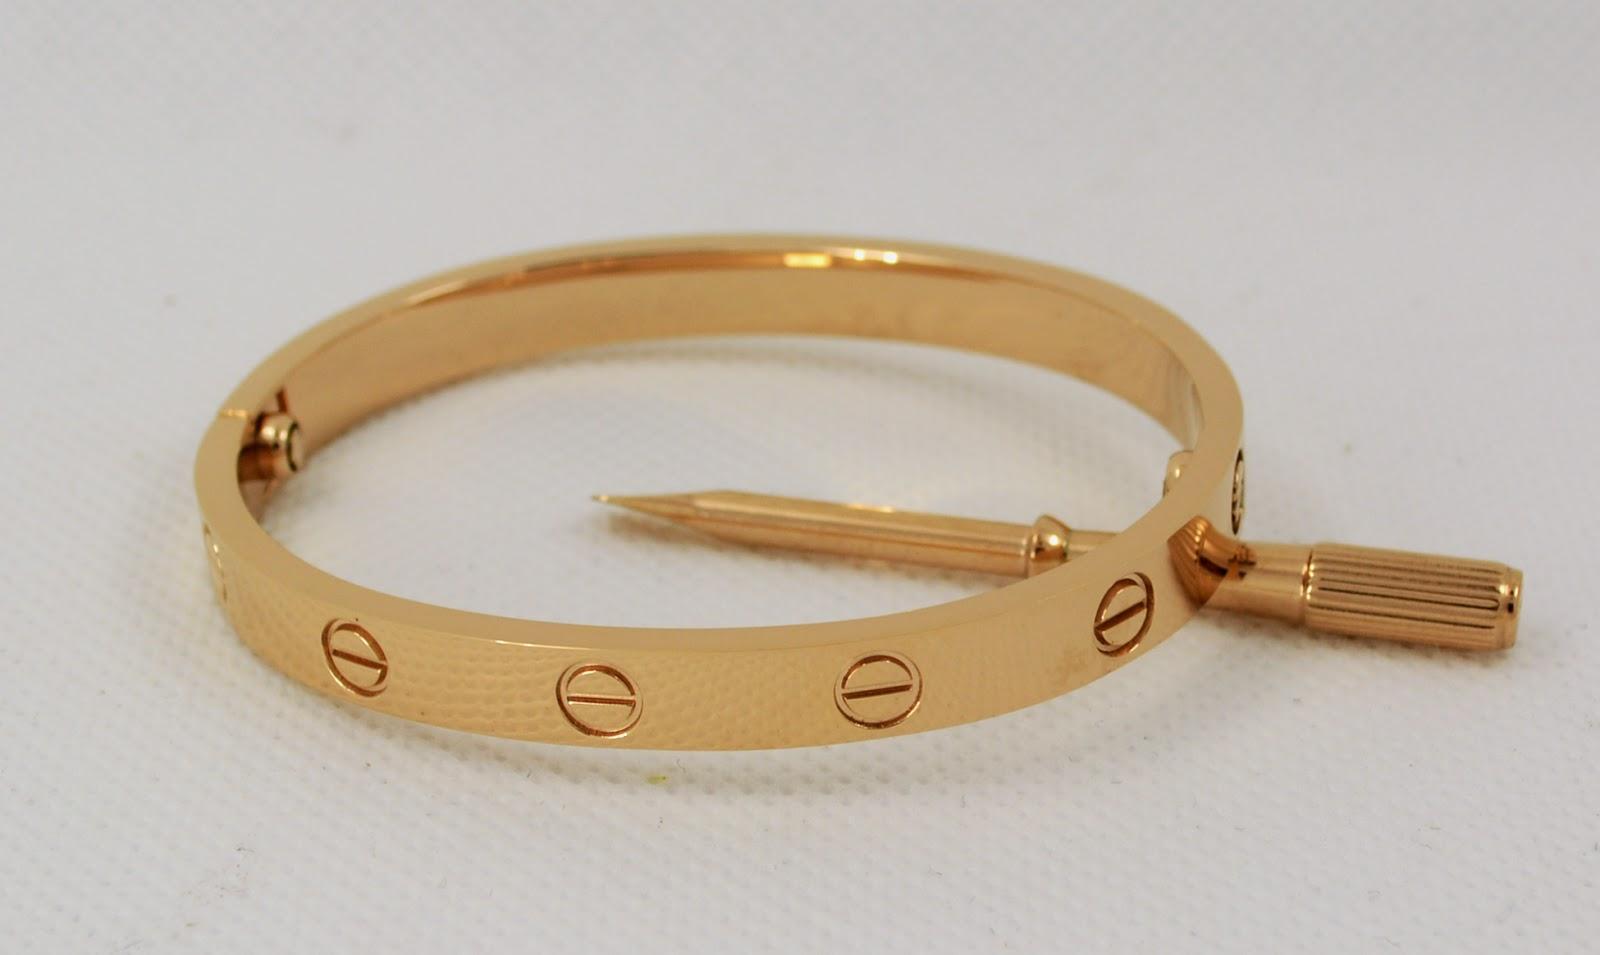 Superior Quality Cartier love bangle replica - Fashion